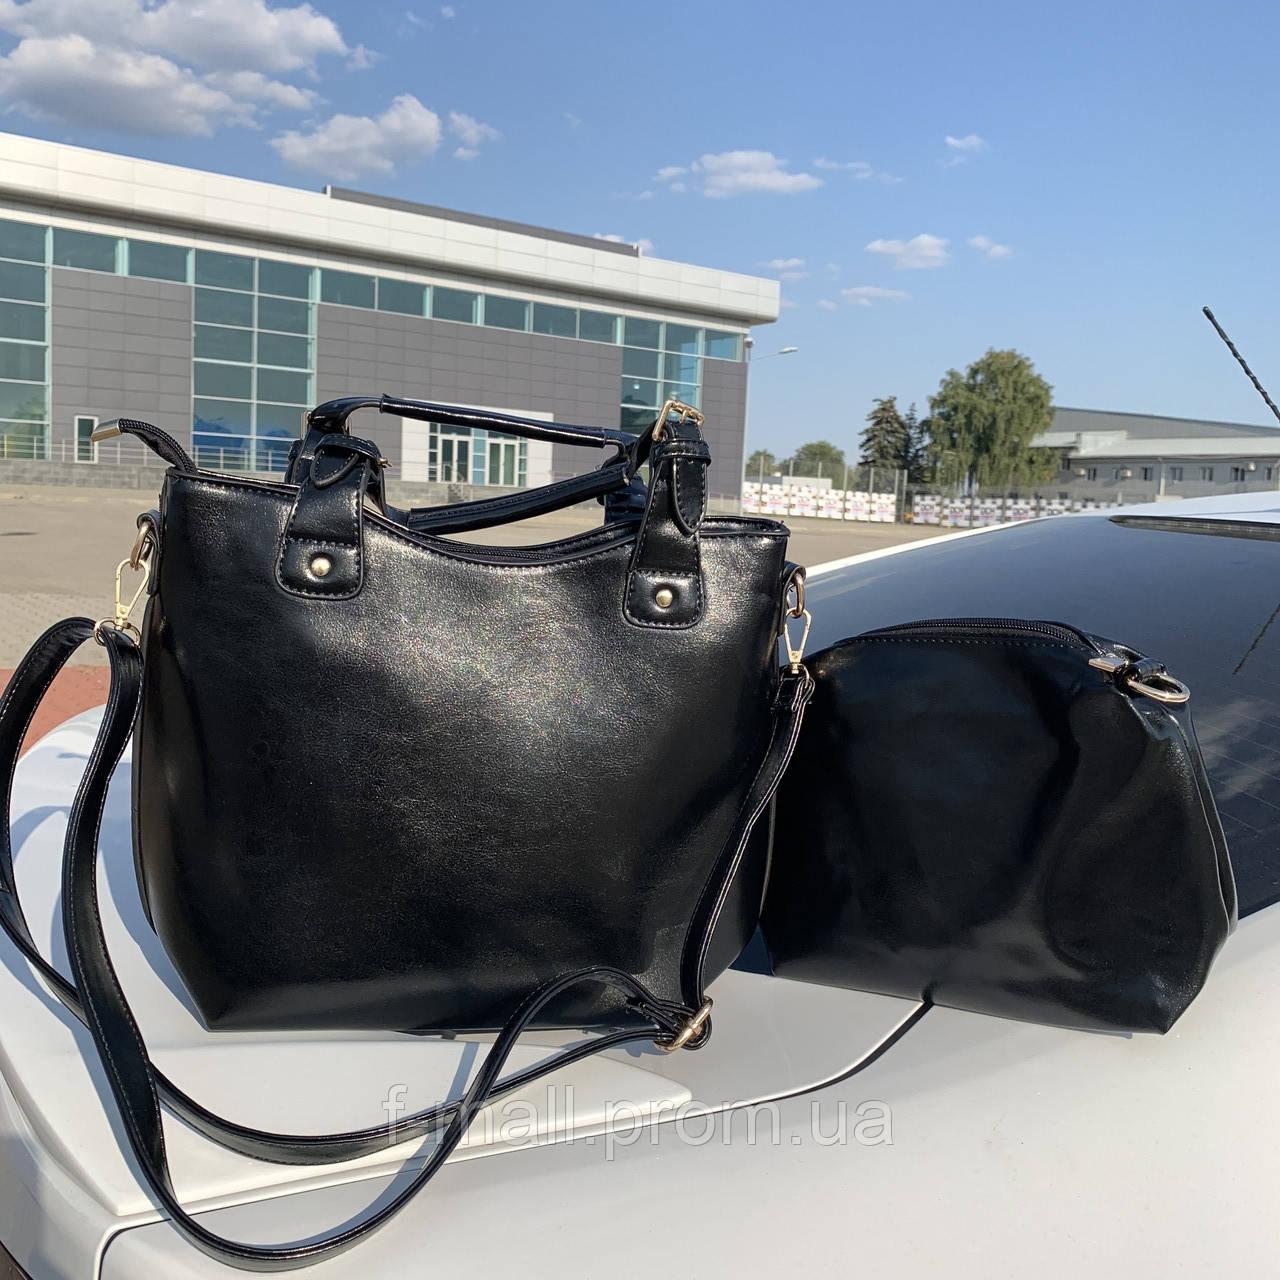 Женская сумка c косметичкой черная  (136-3)